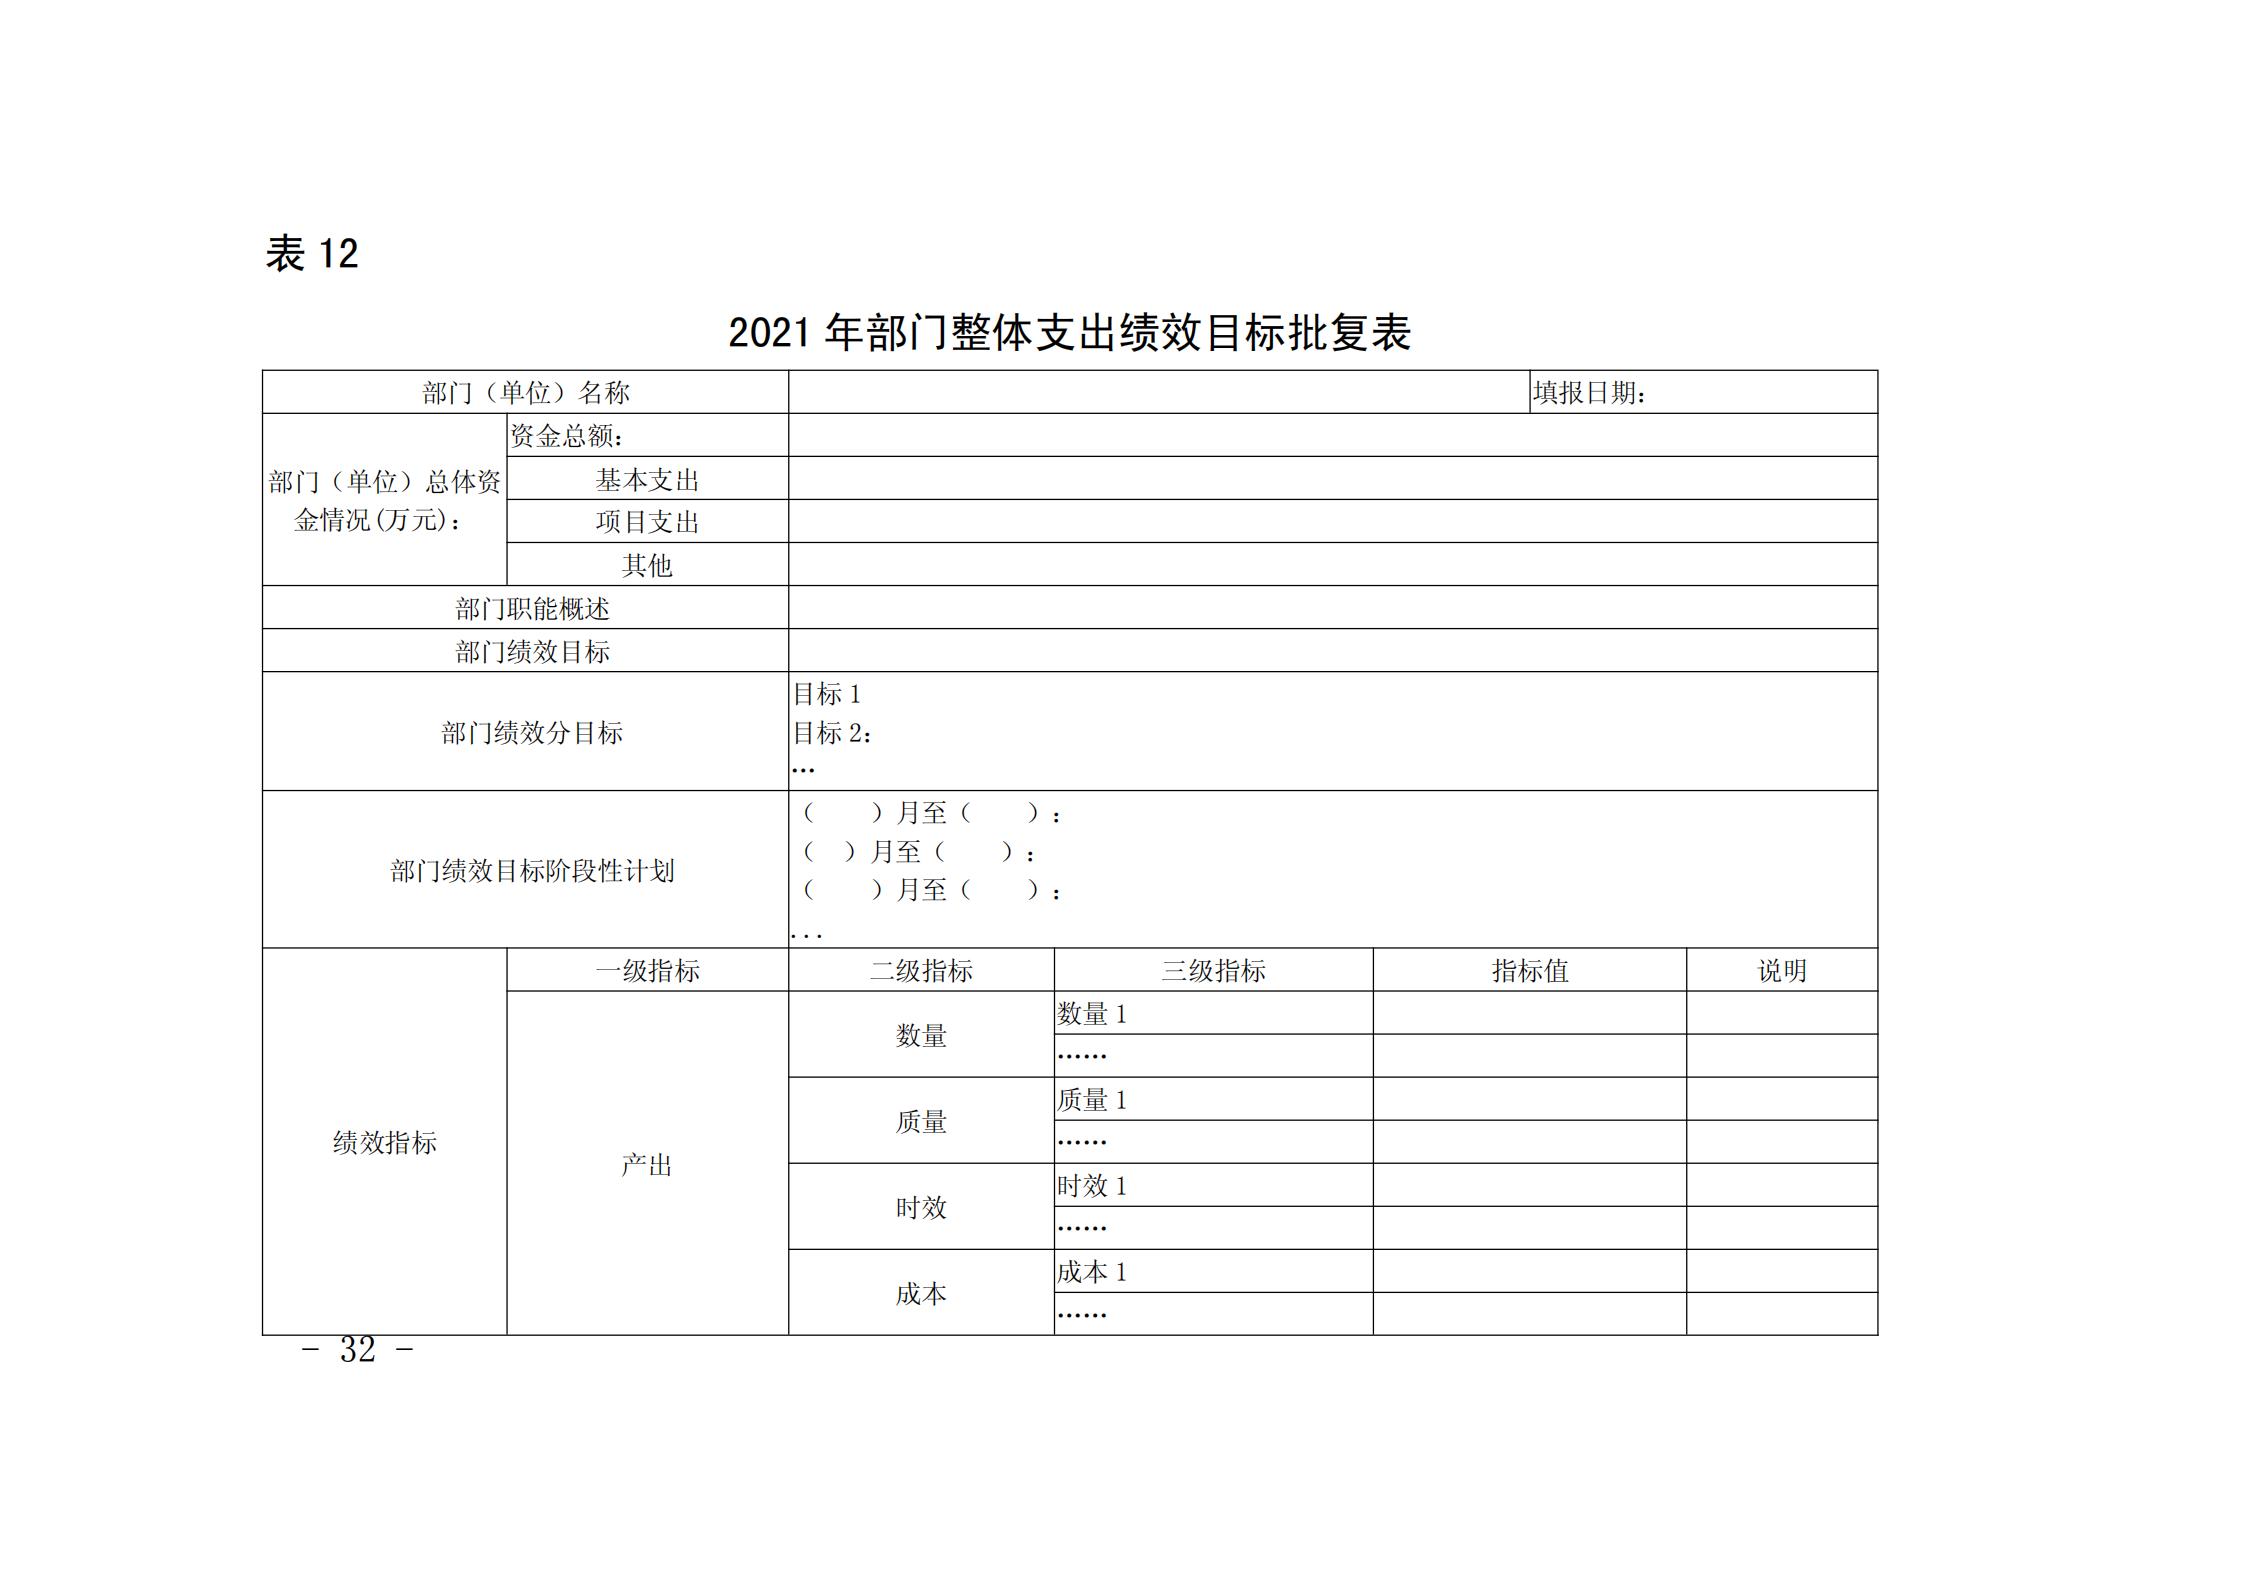 """贵阳市青少年宫2021年度市级部门预算、""""三公""""经费预算公开说明_31.png"""